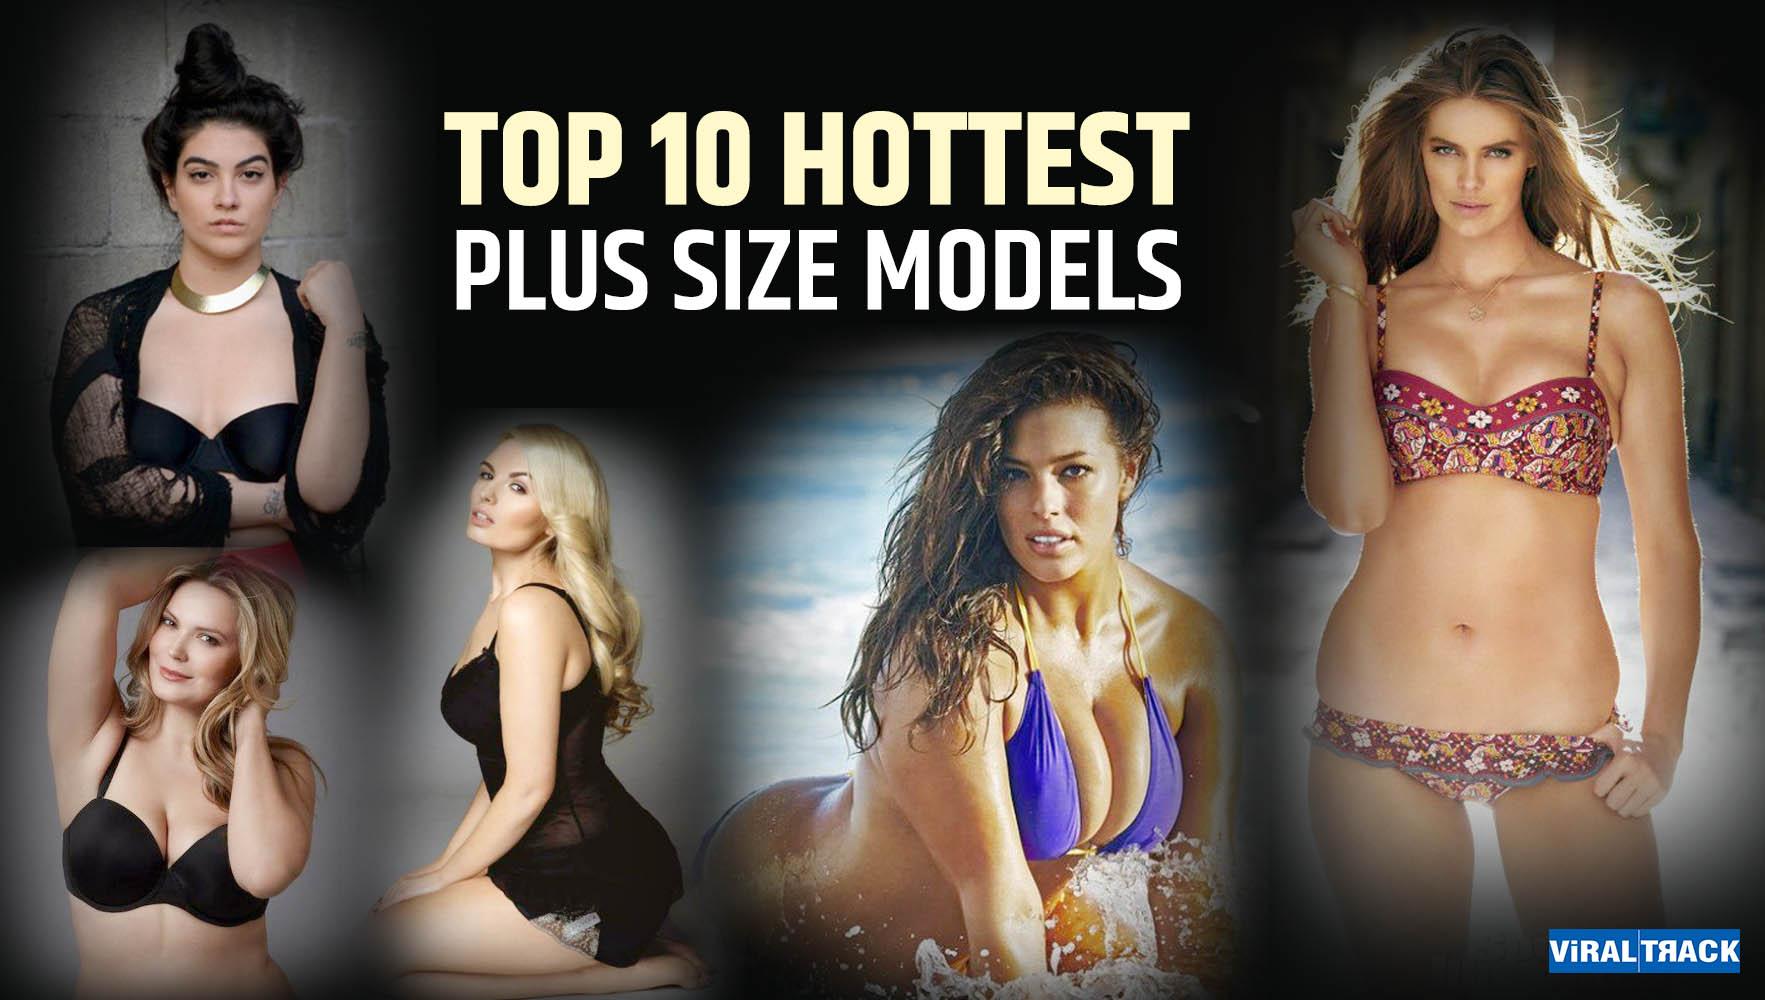 Top 10 Plus Size Models